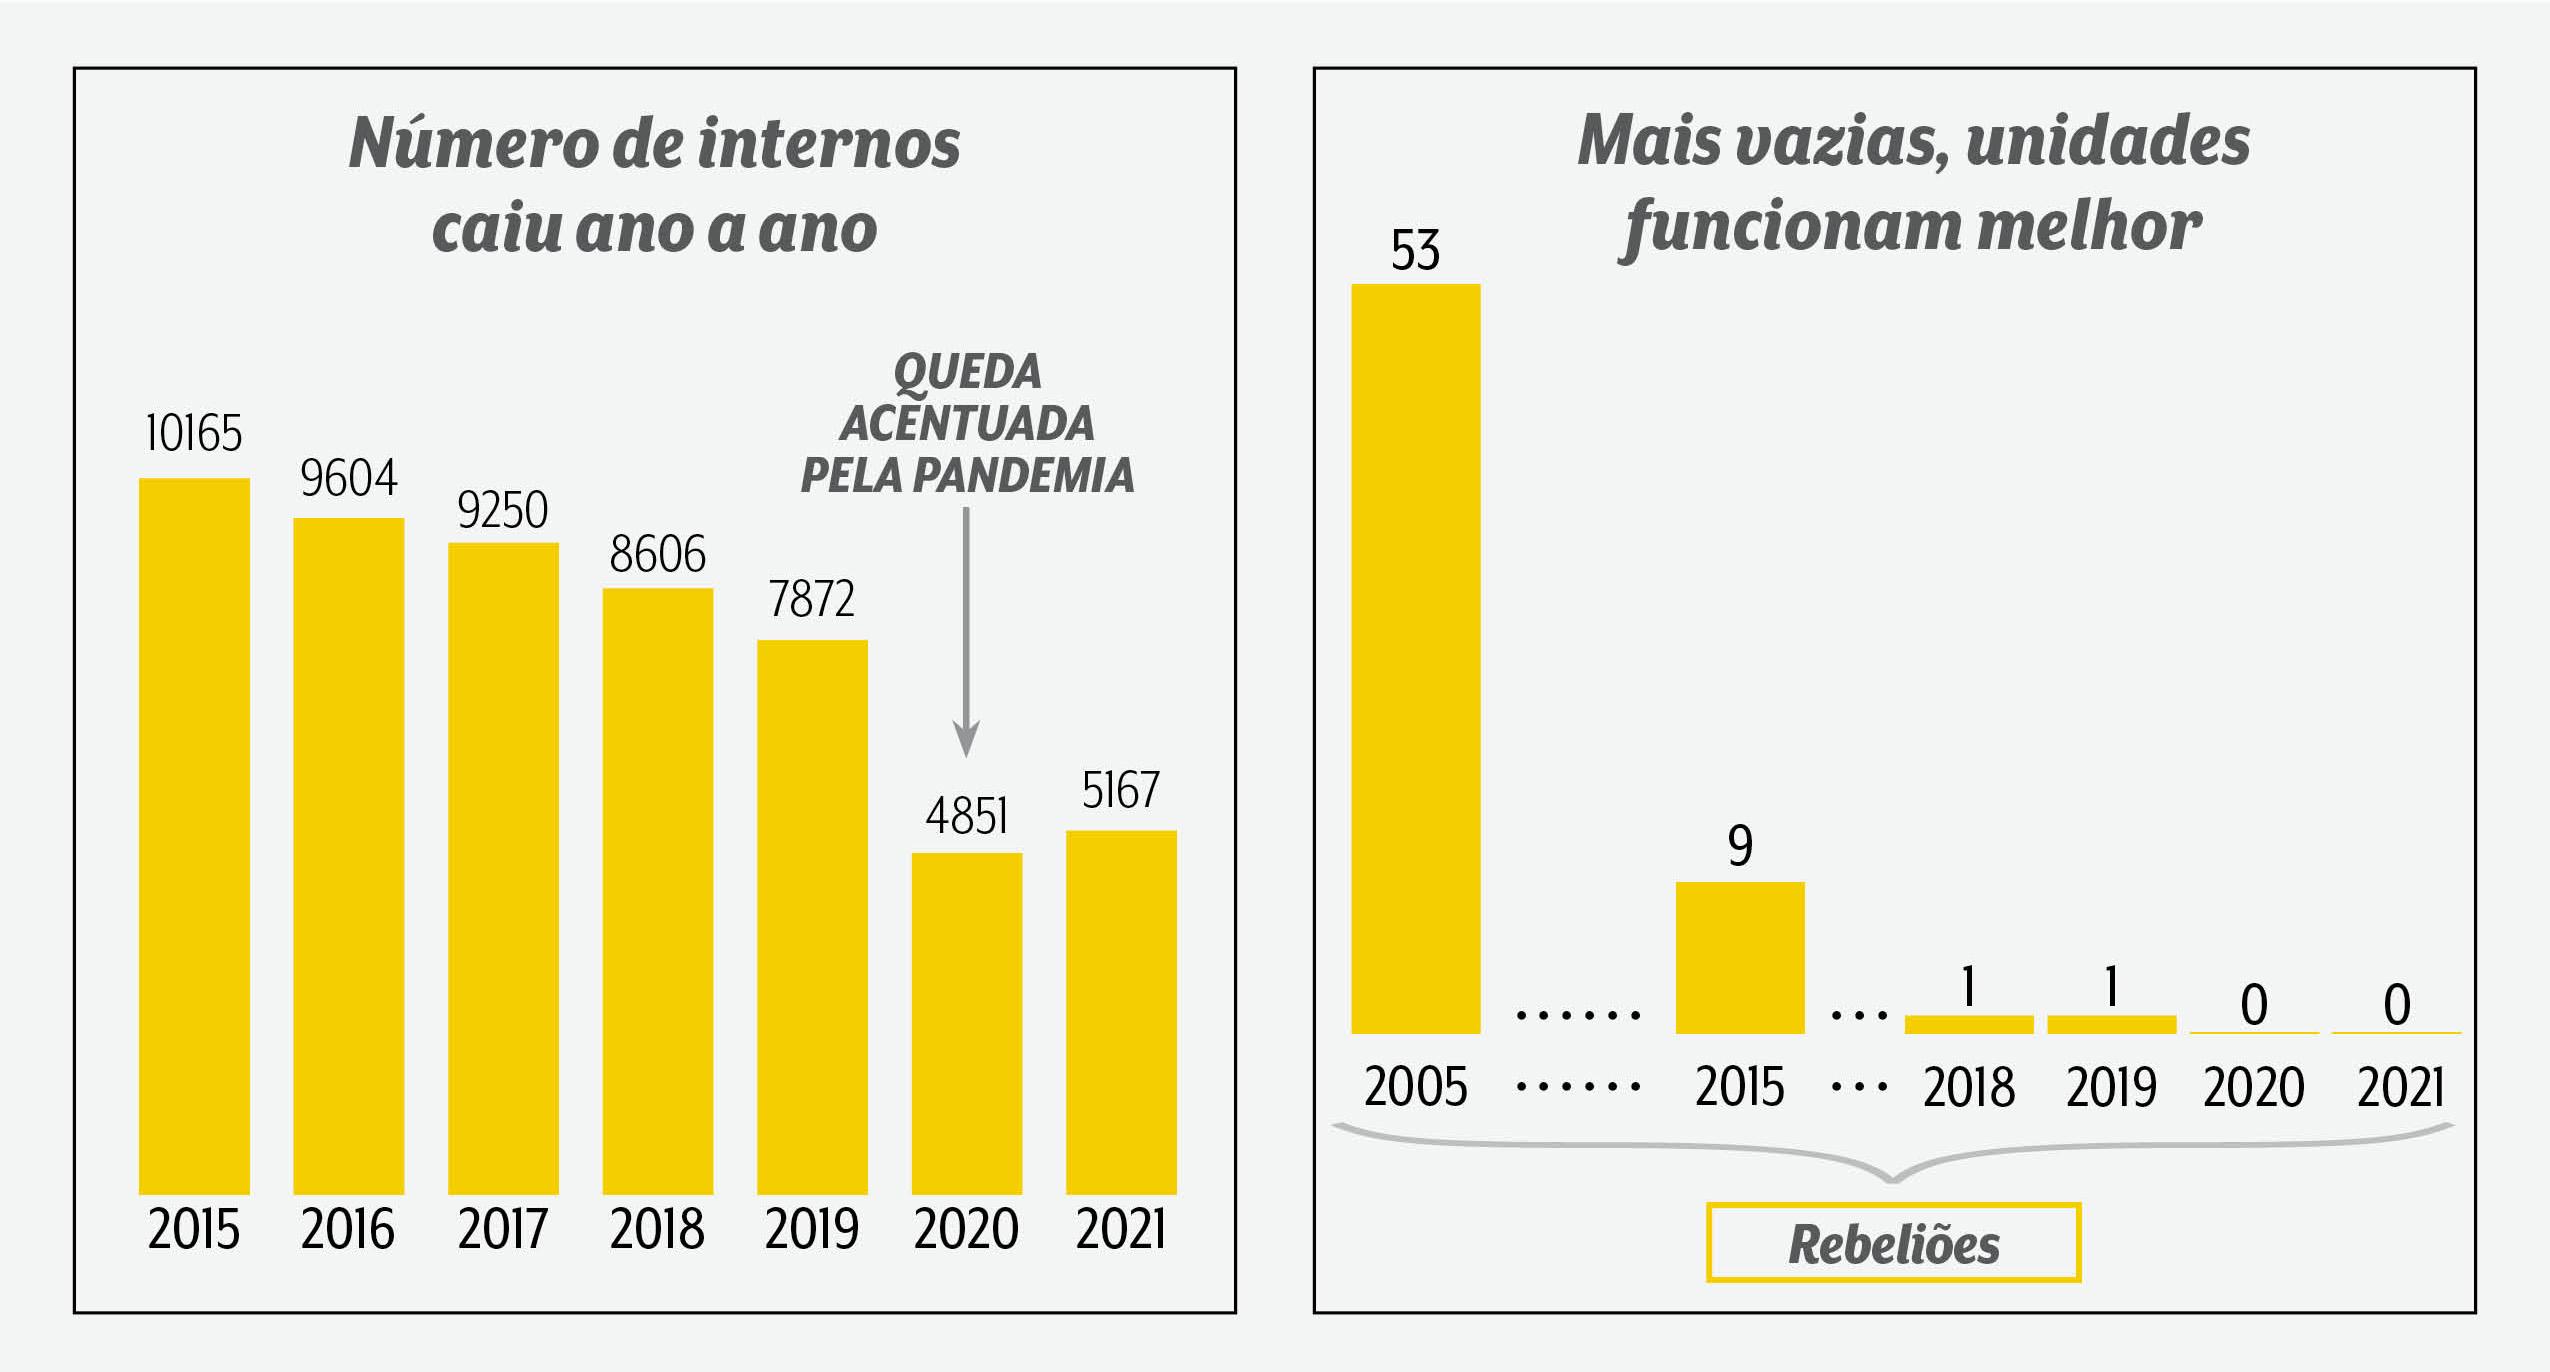 A imagem mostra dois gráficos. Á esquerda, um gráfico em relação a queda dos números de internos, destacando a queda de 7822 para 4851 de 2019 para 2020, acentuada pela pandemia. À direita, gráfico do número de rebeliões, tendo 53 em 2005, 9 em 2015 e agora 0 em 2020 e 2021.